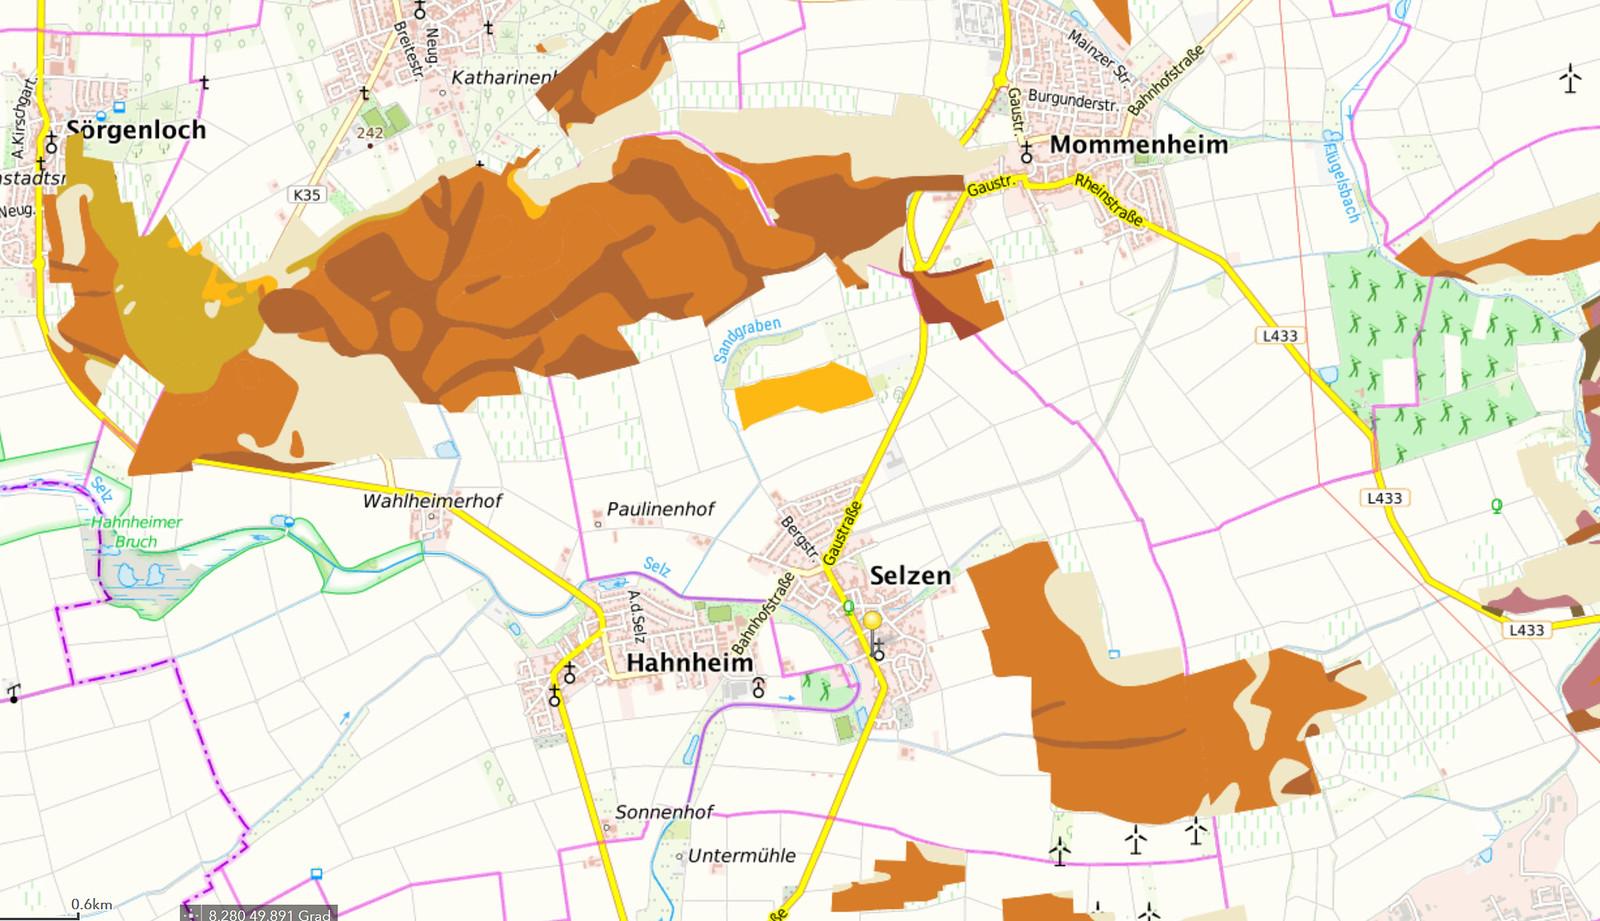 Bodengruppen bei Selzen (Quelle: Weinbergsbodenkarte vom GeoBox-Viewer Weinbau der Dienstleistungszentren Ländlicher Raum in Rheinland-Pfalz)